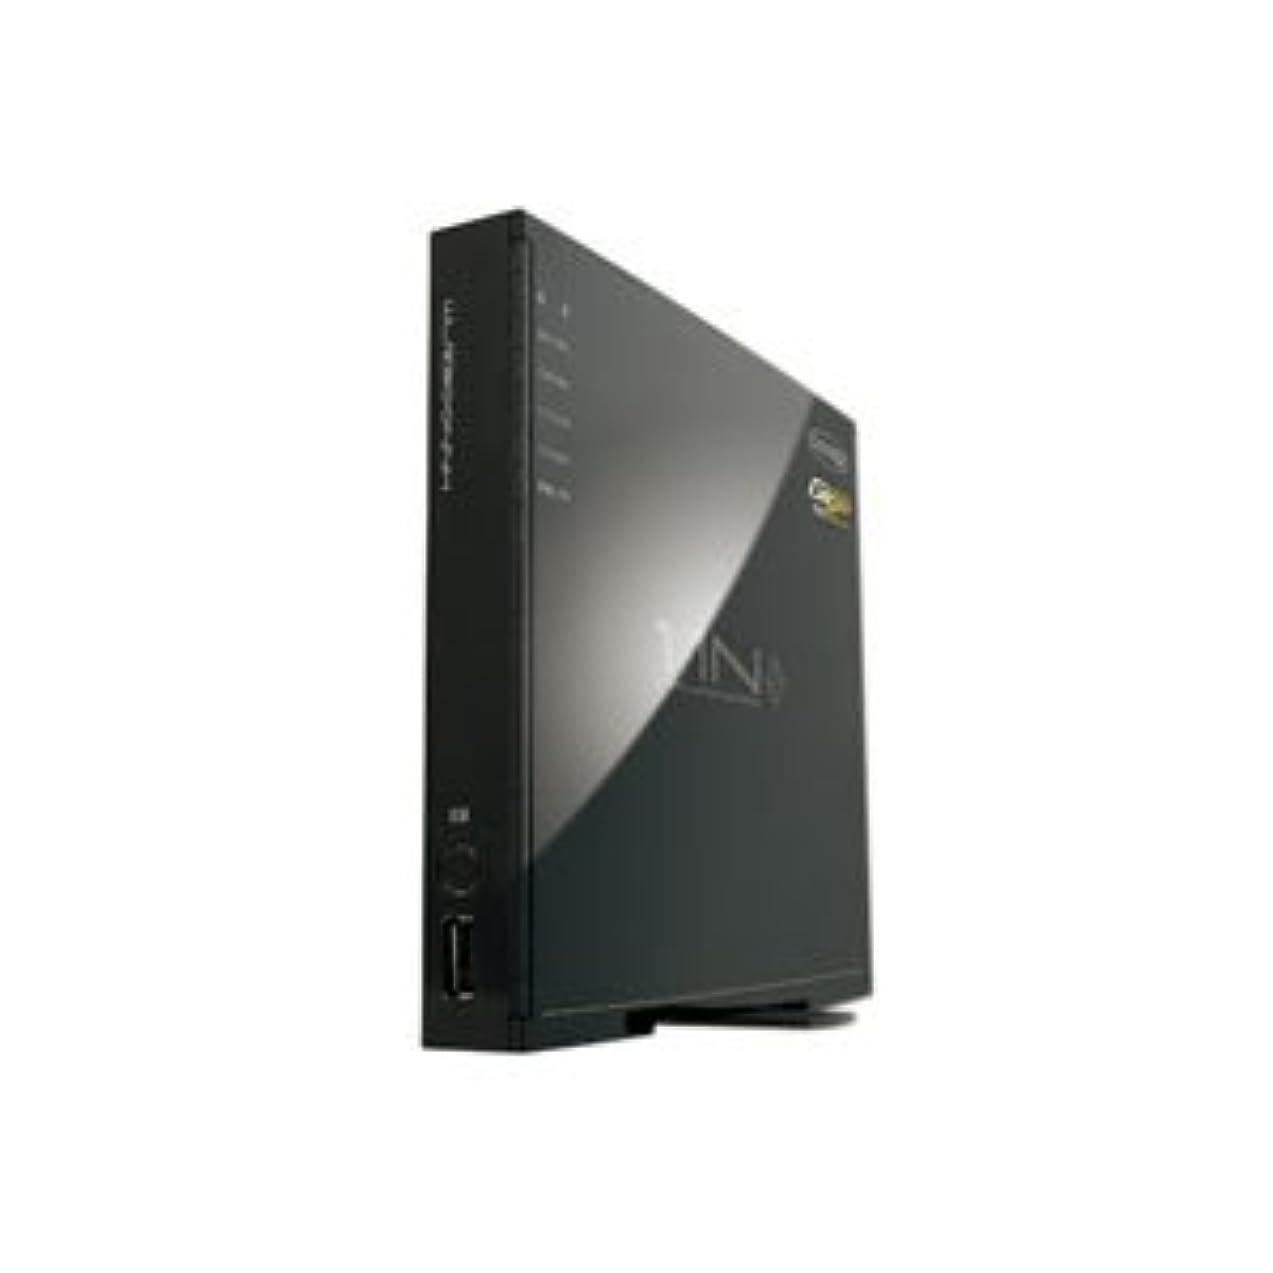 急行する熱心な無限大コレガ(アライドテレシス) 11n準拠 11a/g/b同時利用 無線LANルータ オールギガ対応 USBポート搭載 WPS搭載 CG-WLR300NNH